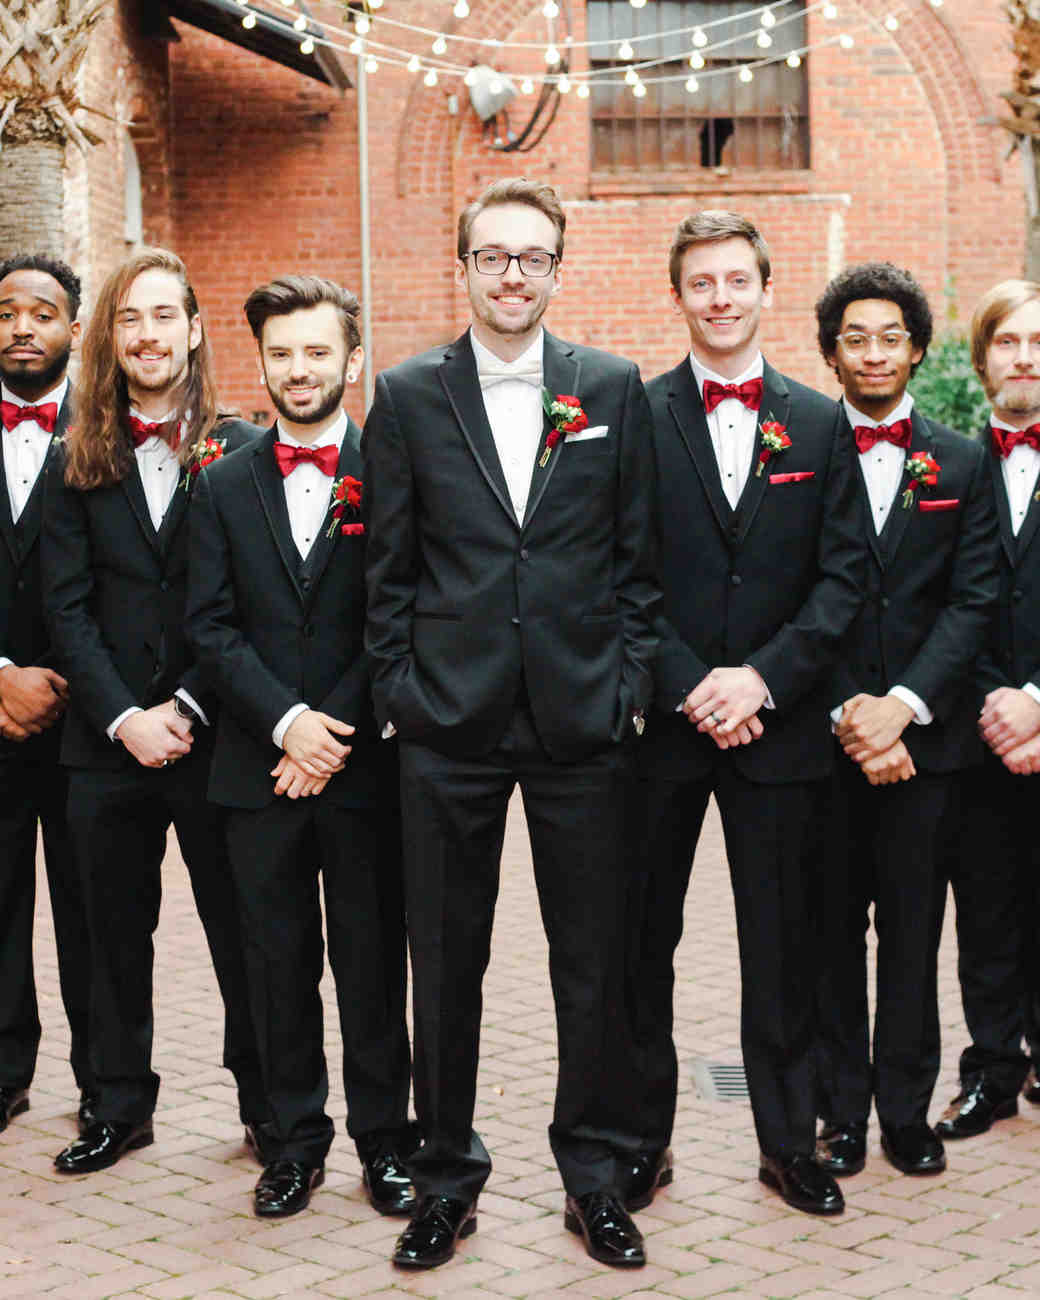 elizabeth seth wedding groom with groomsmen